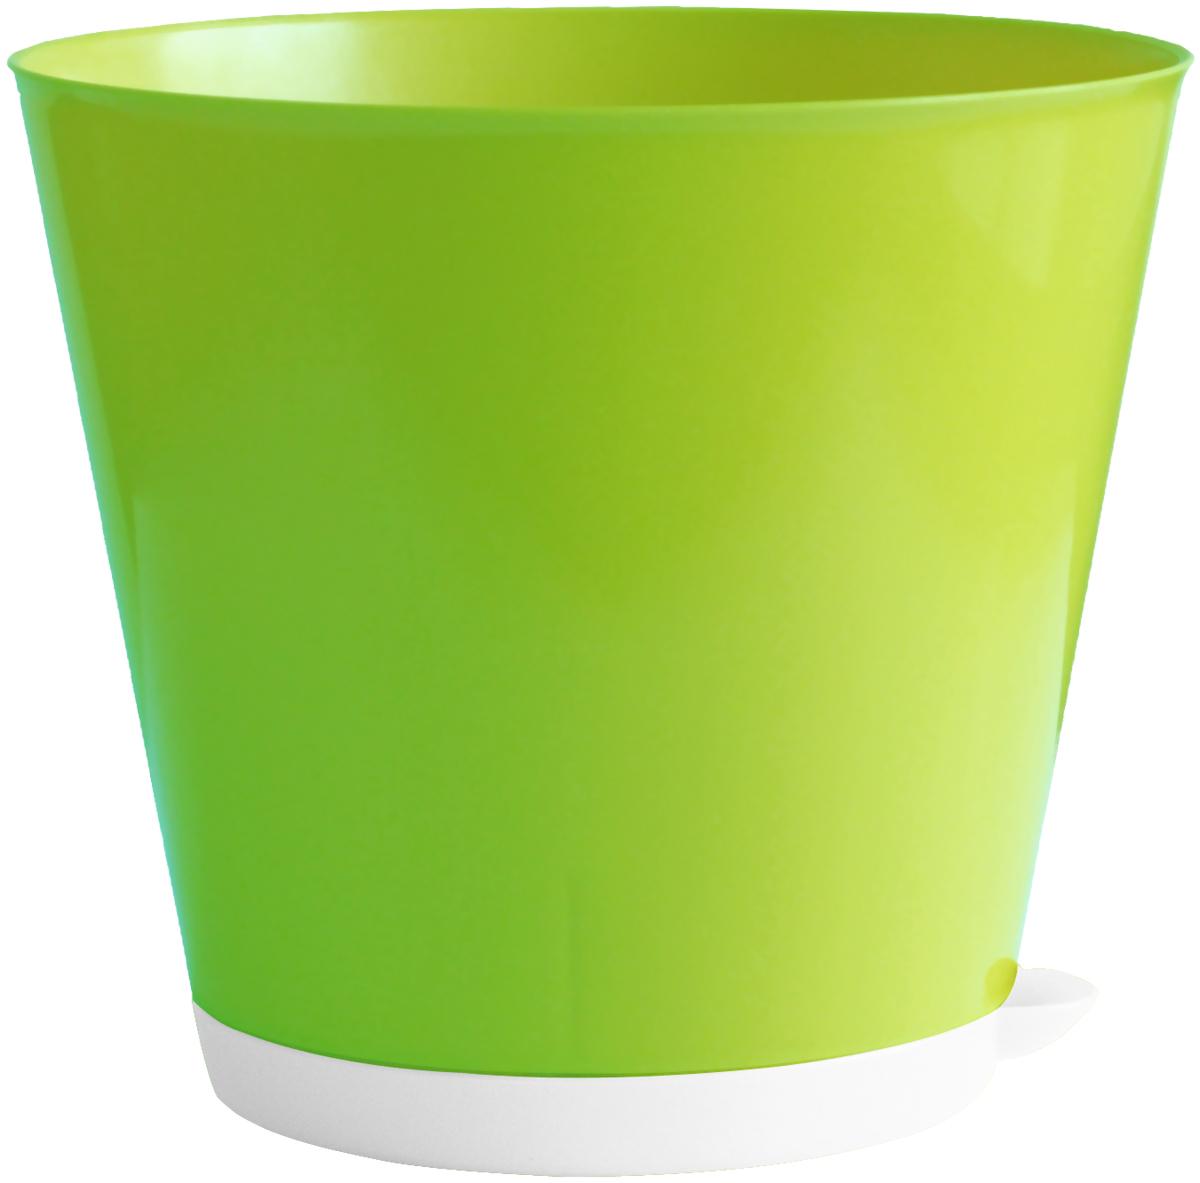 """Горшок для цветов InGreen """"Крит"""", с системой прикорневого полива, цвет: салатовый, белый, диаметр 22,6 см ING46022СЛ"""